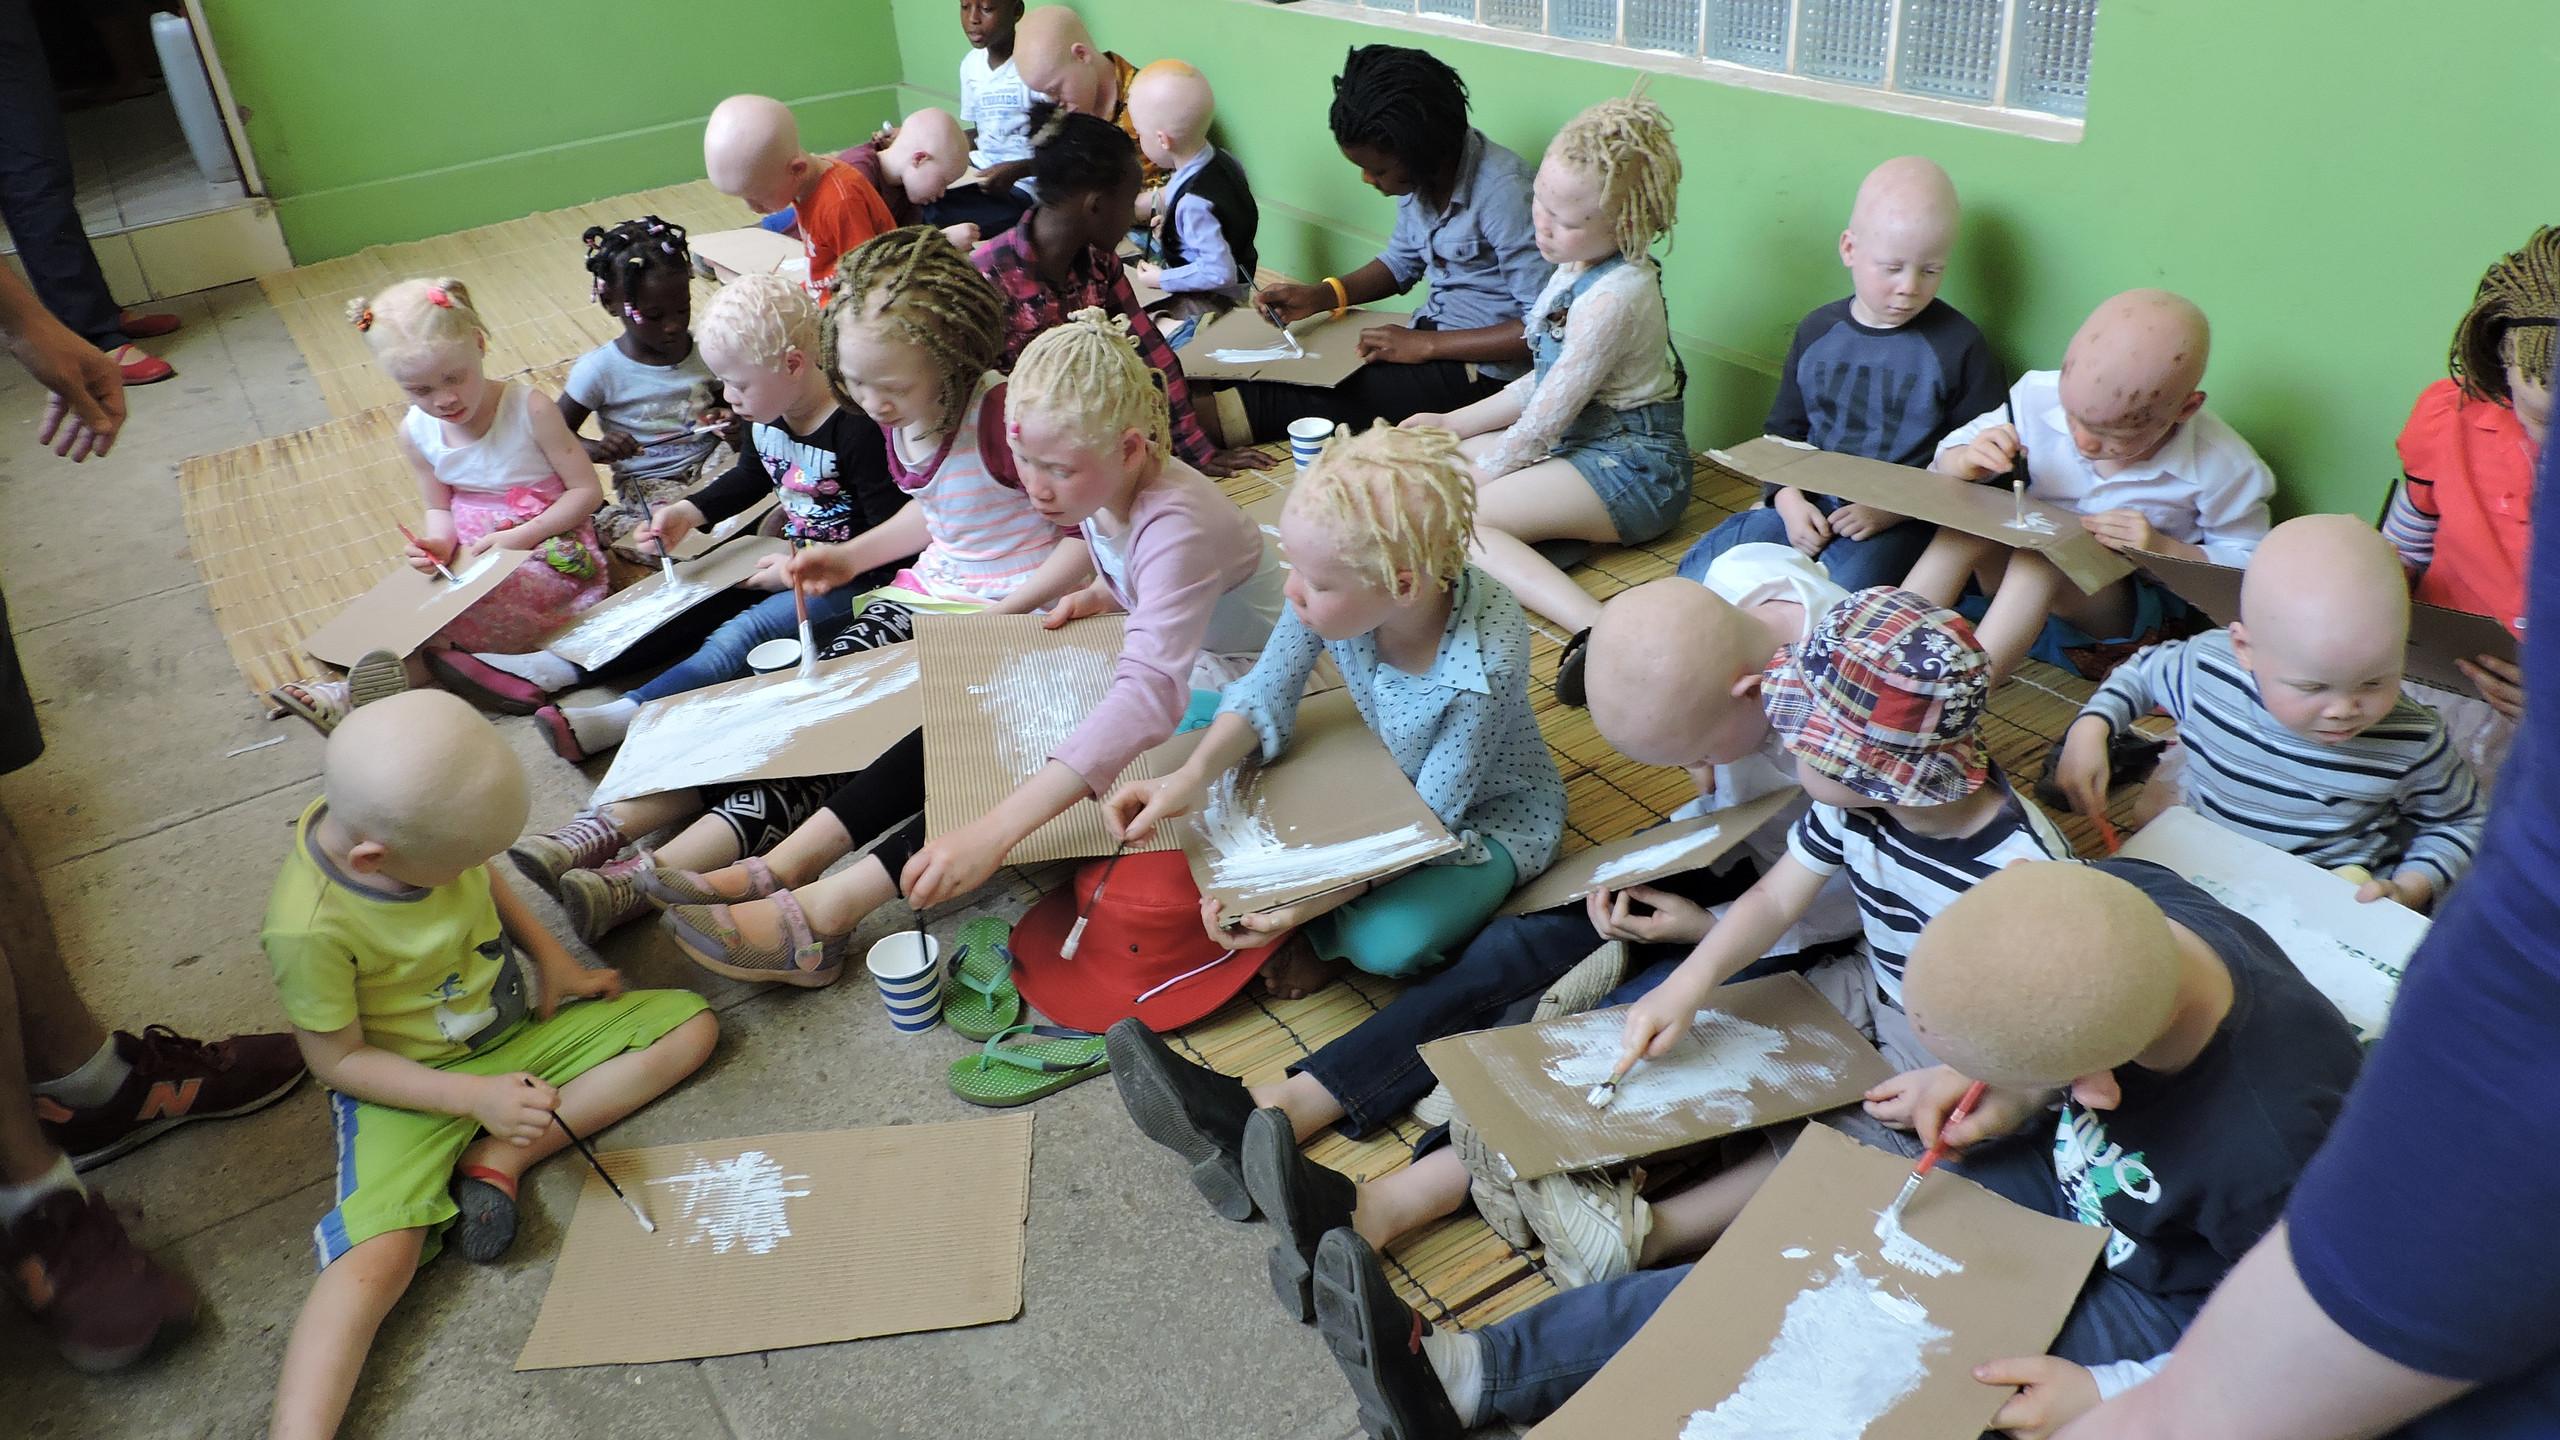 Taller de ilustración con niños albinos